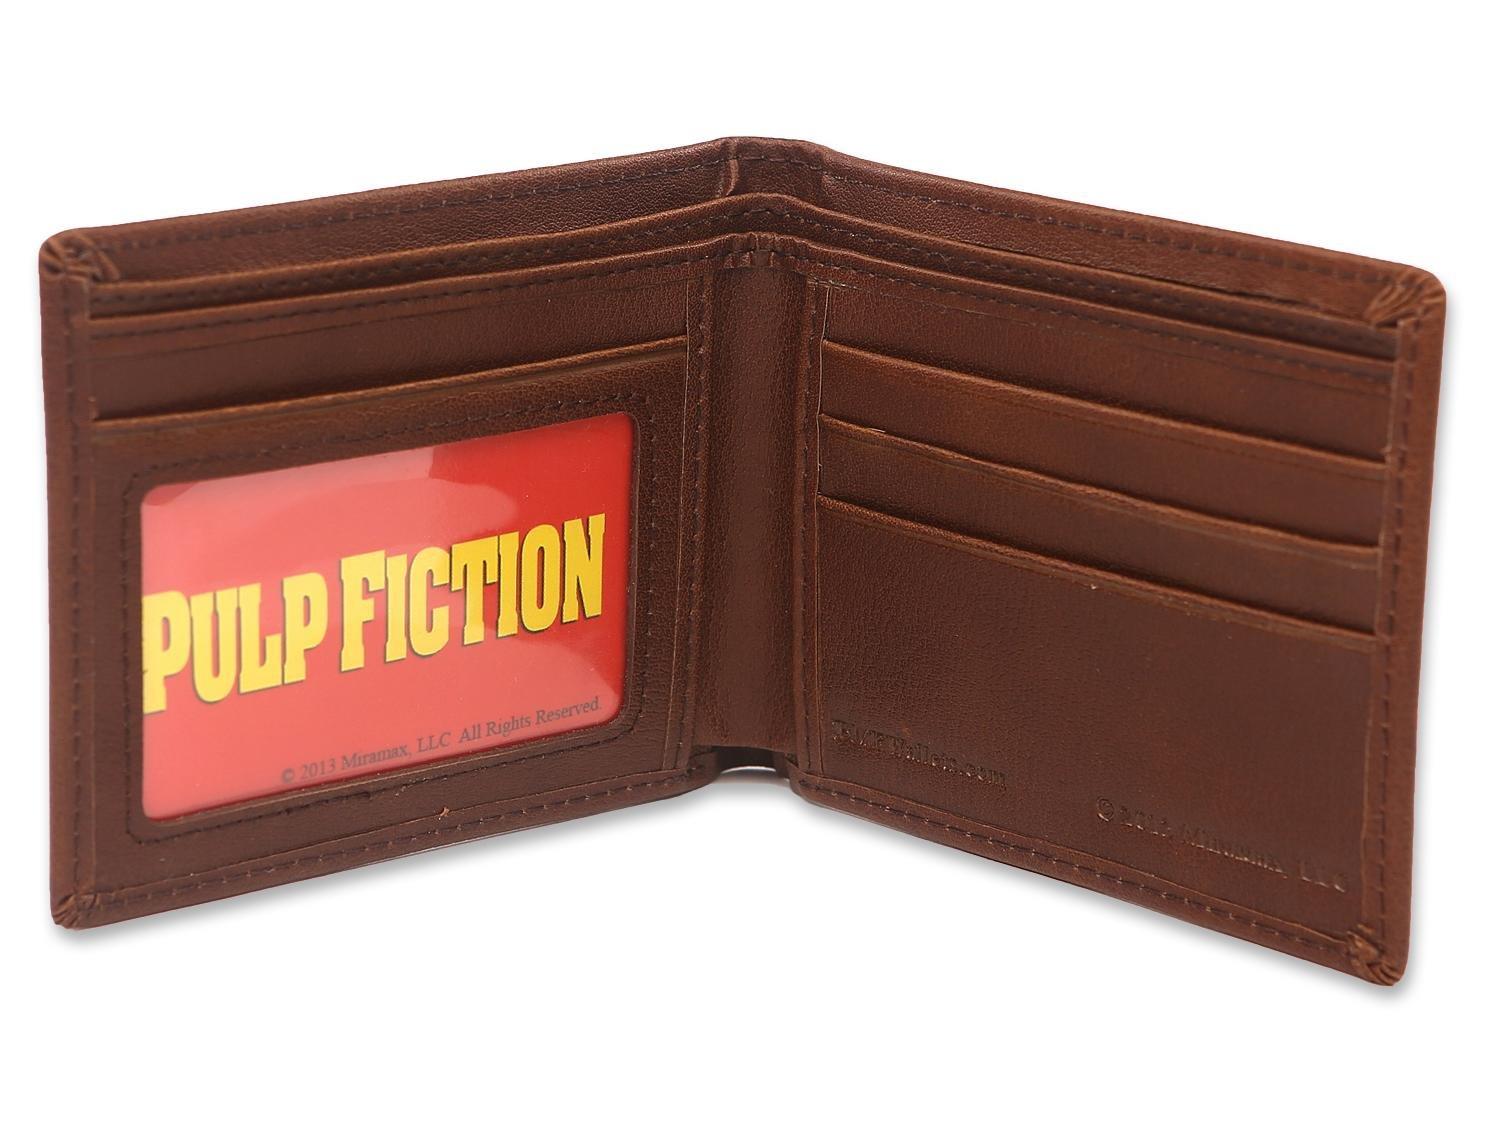 Set Pulp Fiction BMF - Póster y Cartera marrón de cuero: Amazon.es: Hogar